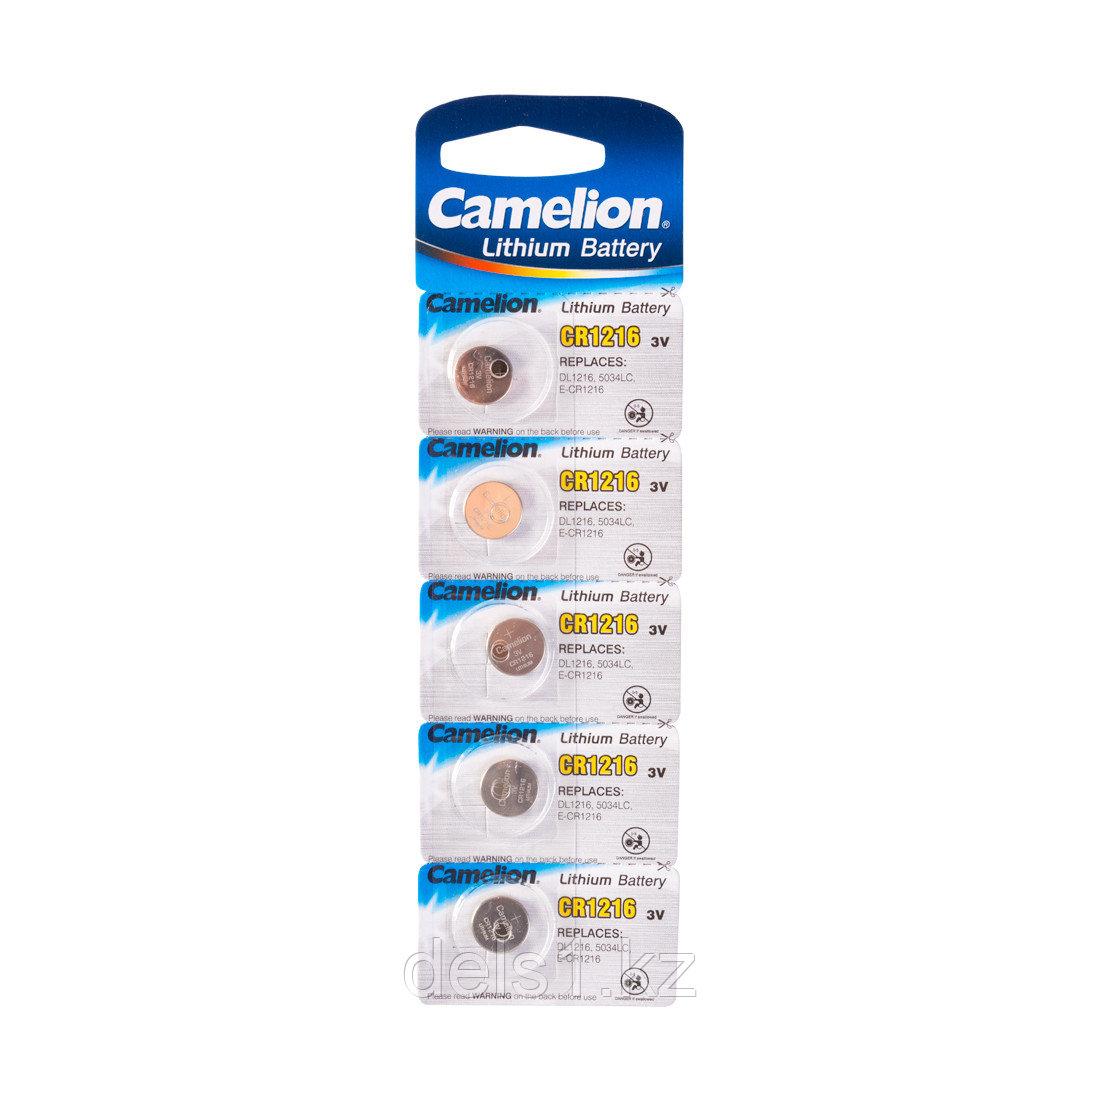 Батарейка, CAMELION, CR1216-BP5 Lithium Battery, CR1216 3V, 220 mAh, 5 шт.